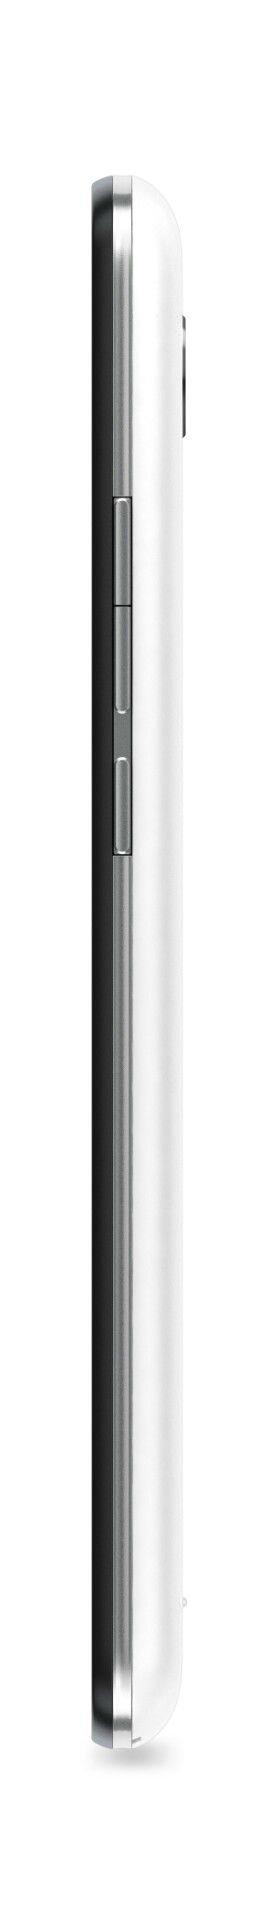 Acer-Liquid-Zest-abs-Zest-4G_16-w600